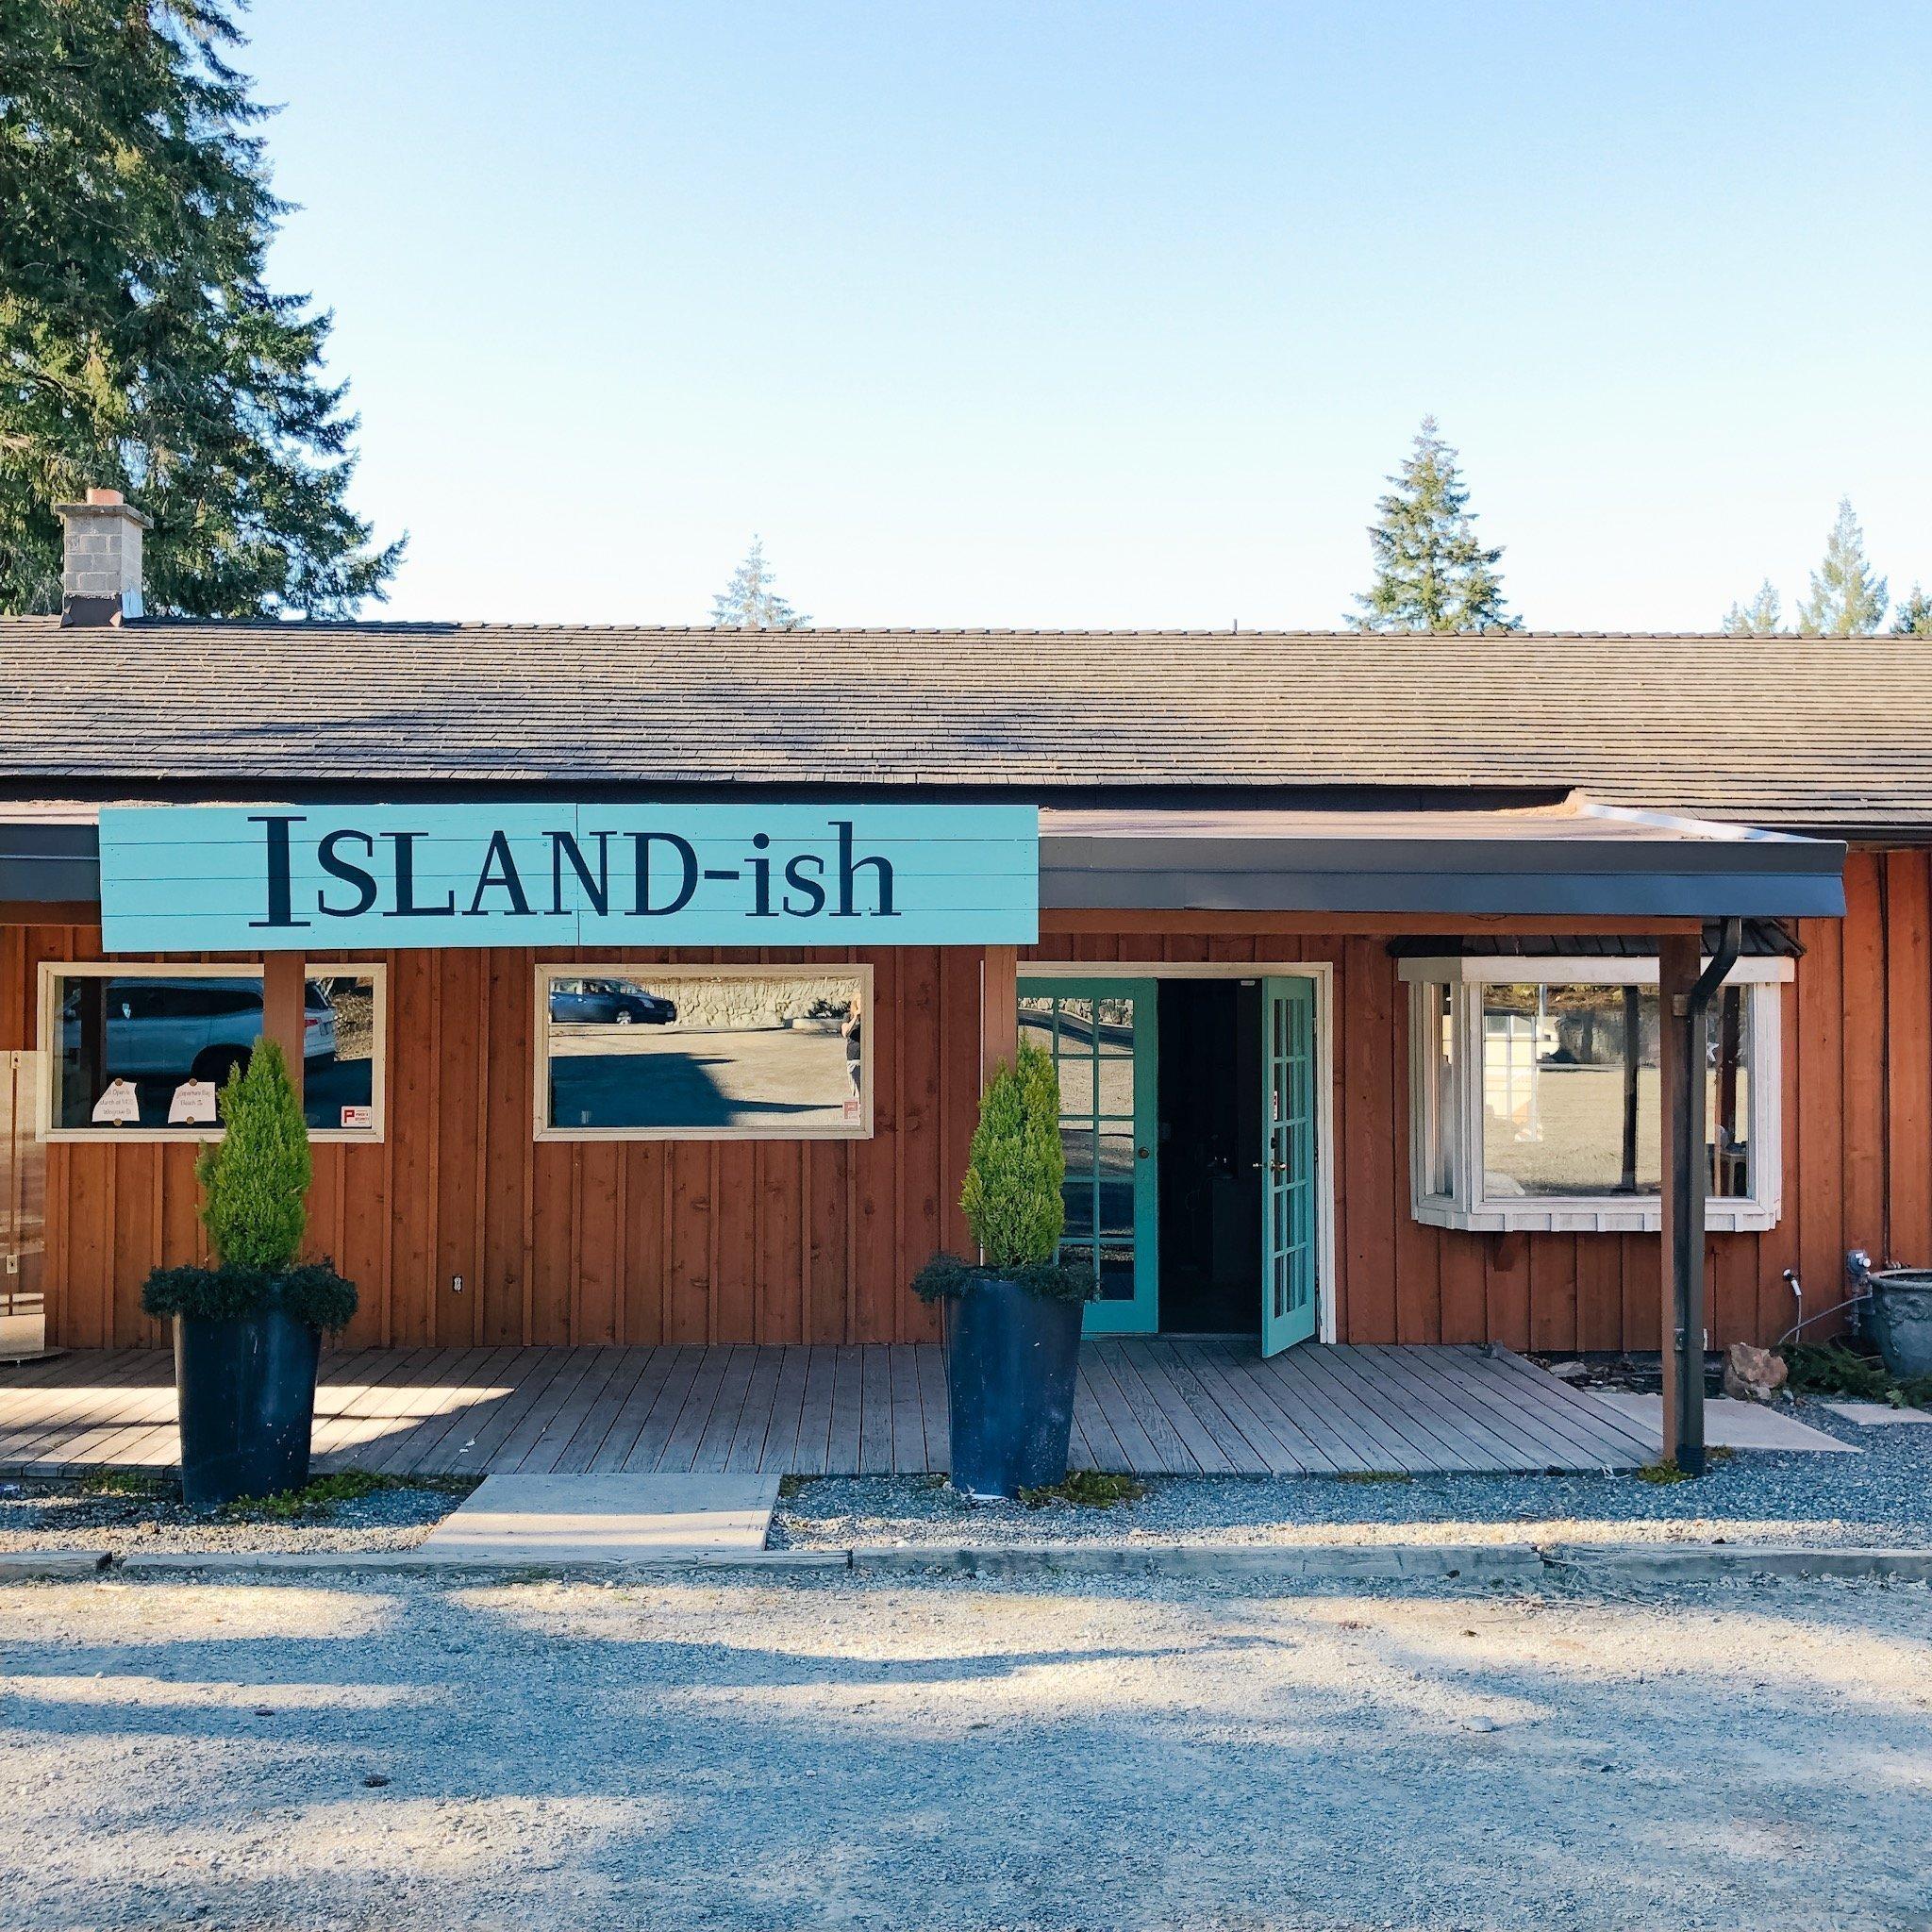 Island-ish Lifestyle Boutique logo